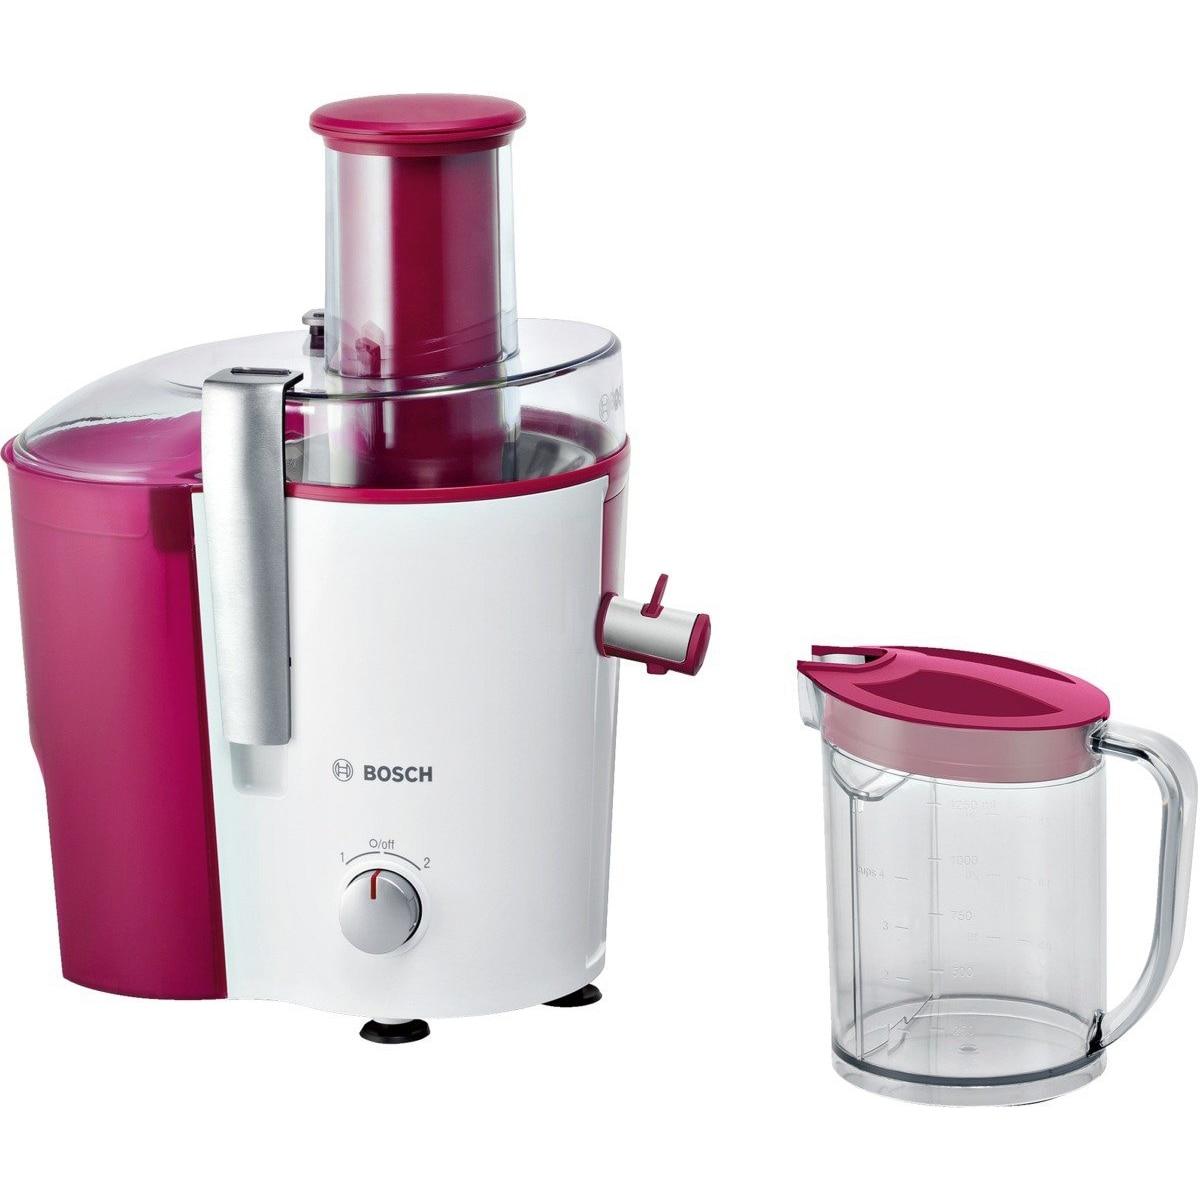 Fotografie Storcator de fructe si legume Bosch MES25C0, 700 W, Recipient suc 1.25 l, Recipient pulpa 2 l, 2 Viteze, Tub de alimentare 73 mm, Rosu/Alb